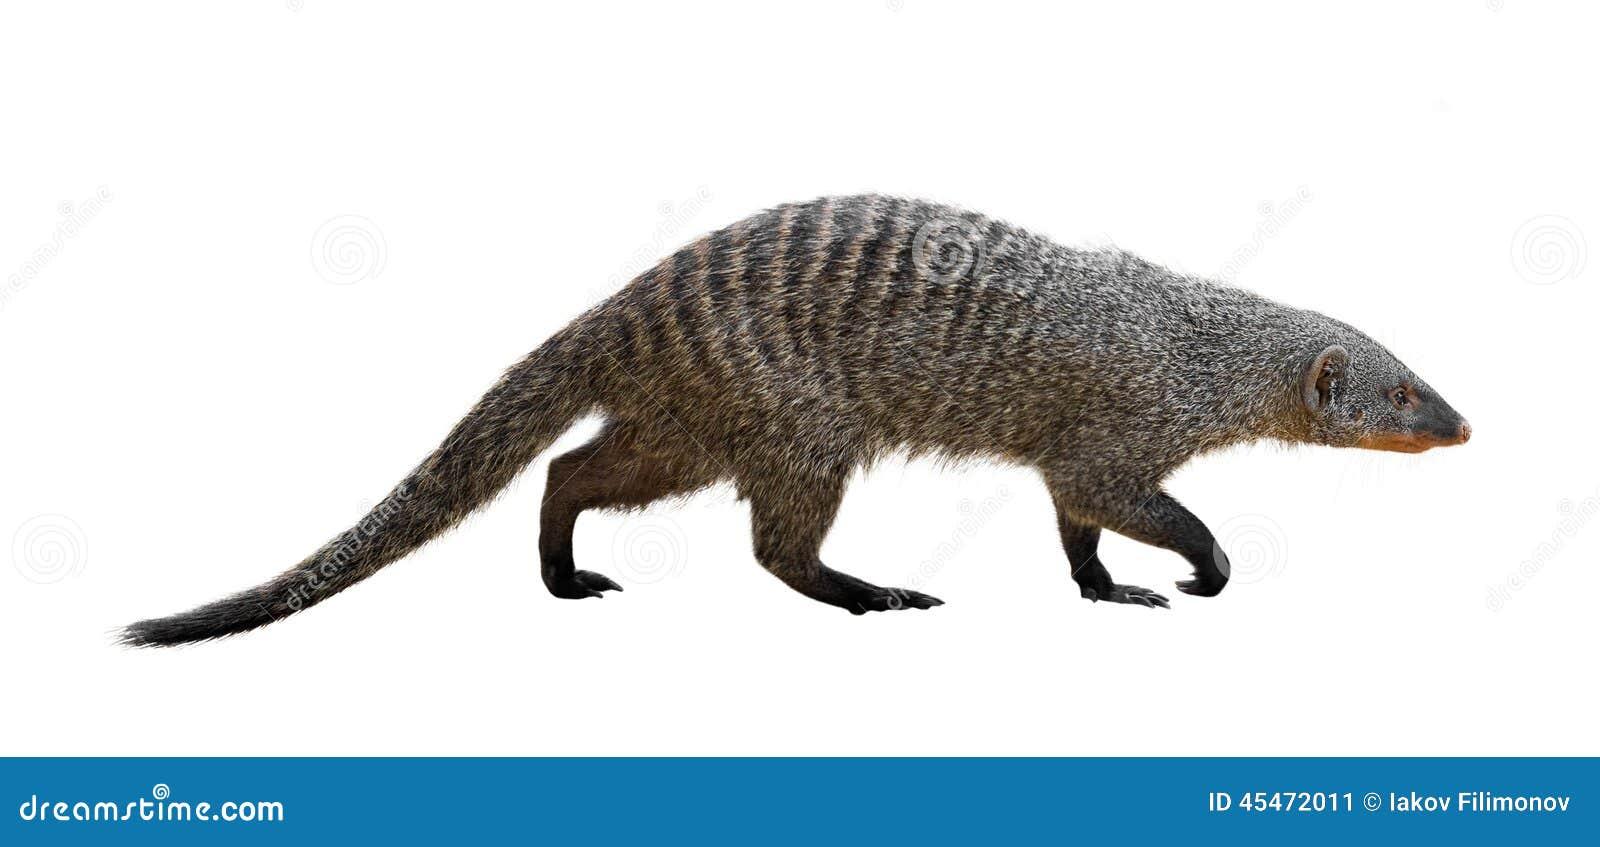 Banded mongoose (Mungos mungo). Isolated over white background.